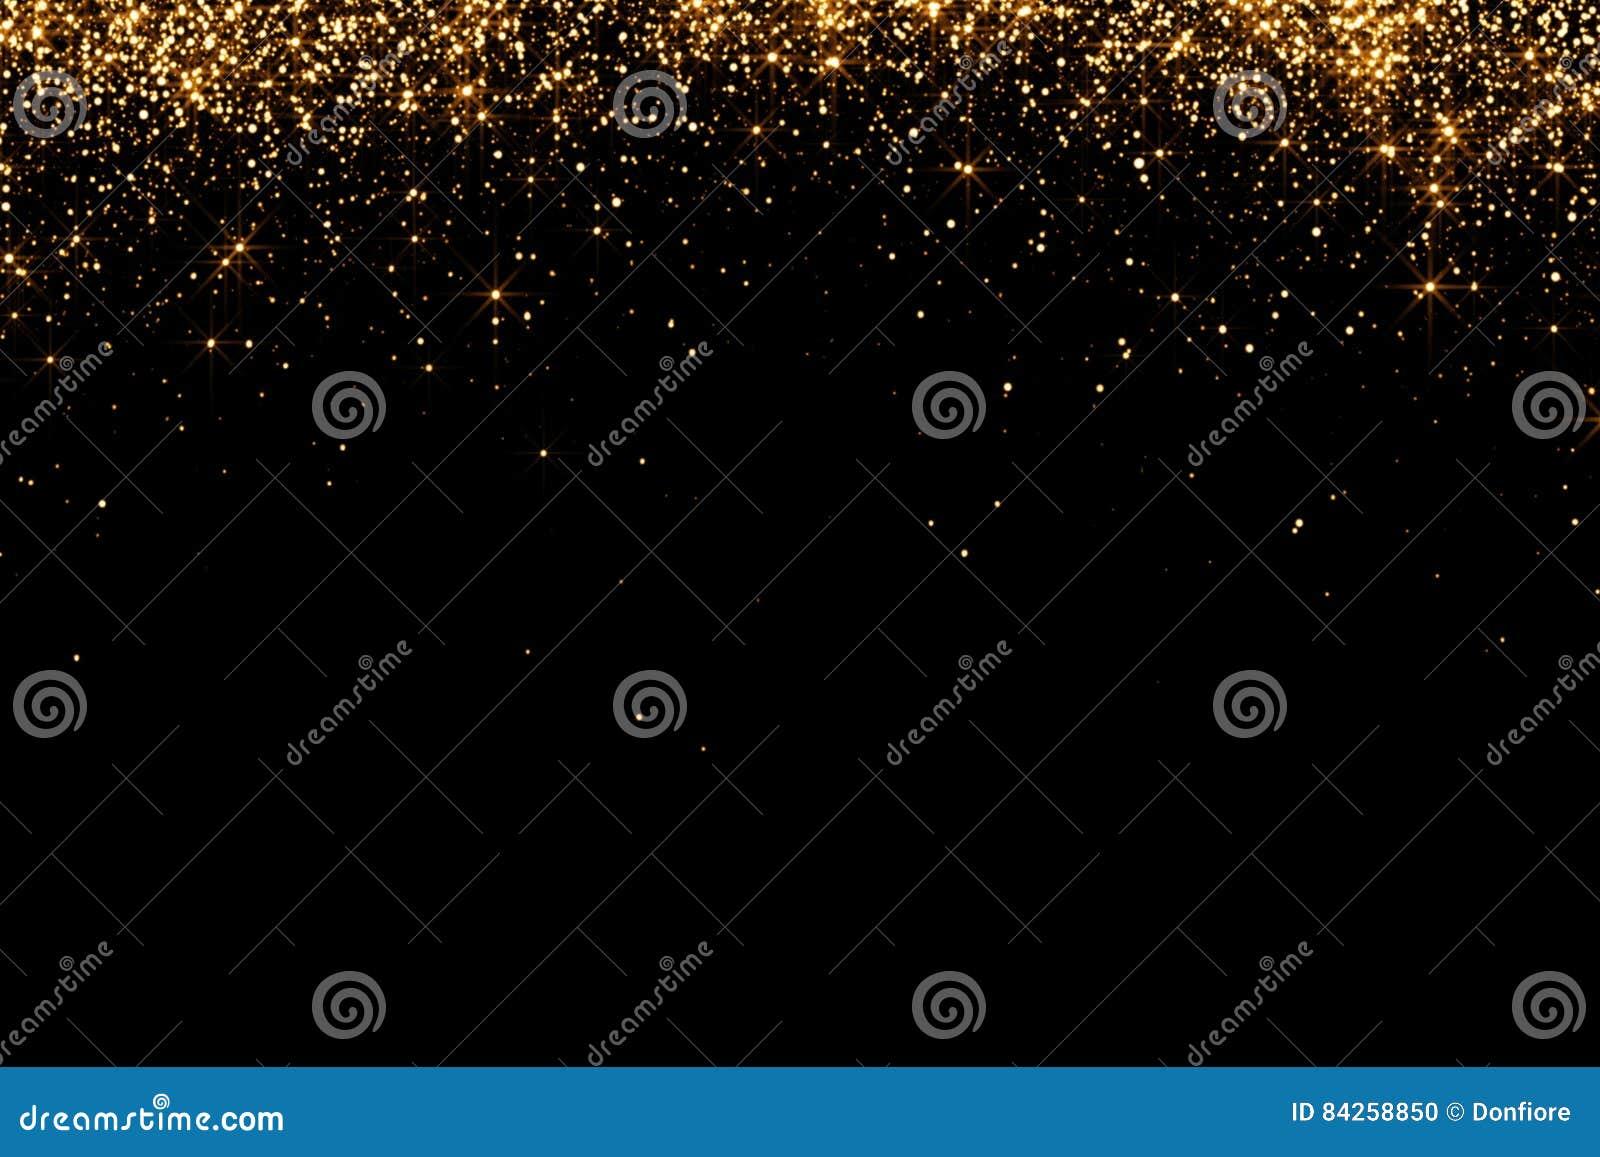 Водопады золотых частиц шампанского пузырей искры яркого блеска играют главные роли на черной предпосылке, счастливом празднике Н